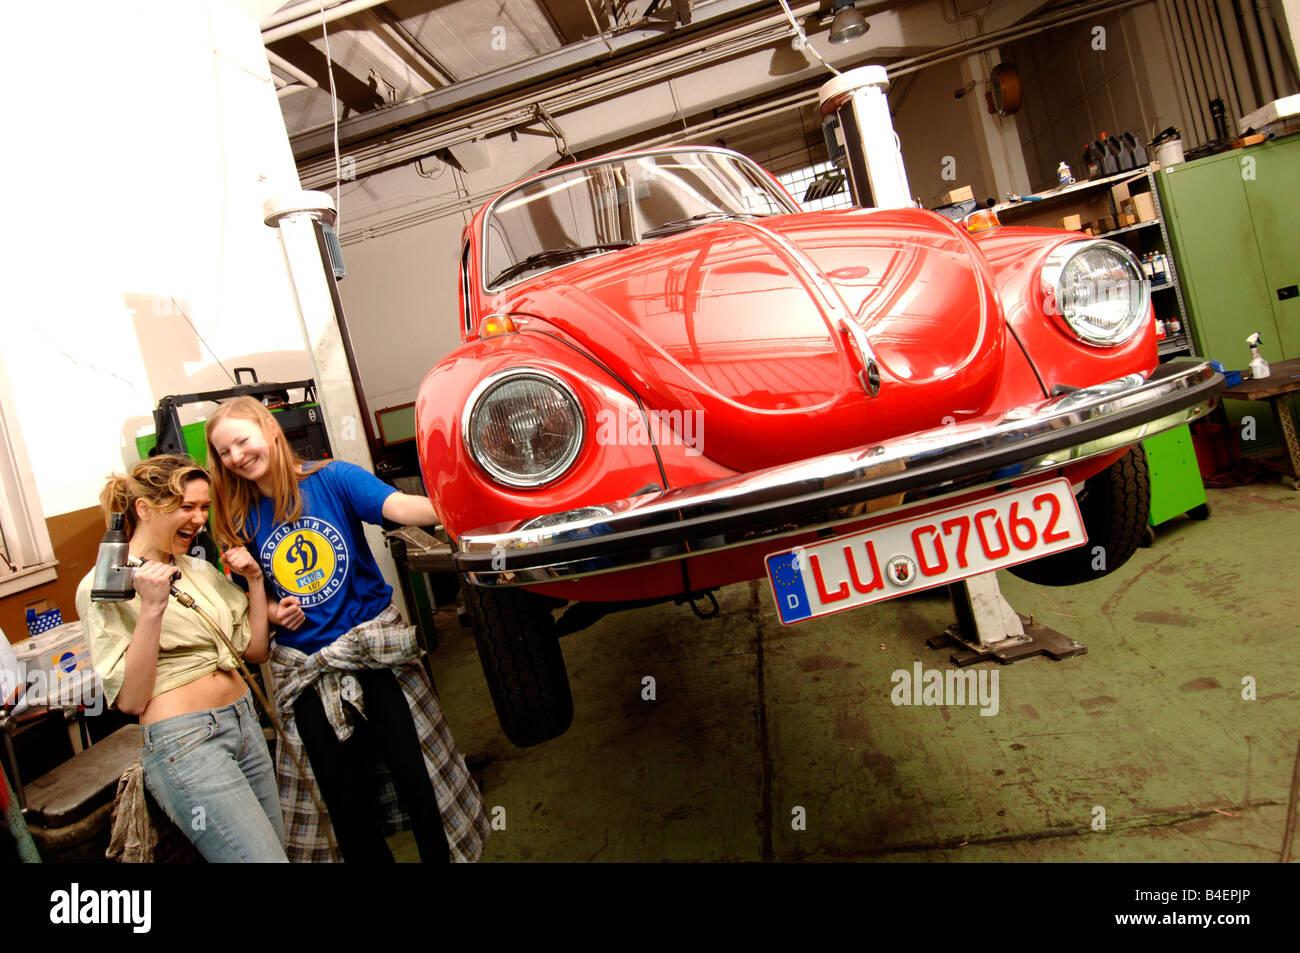 Car vw volkswagen beetle 1303 model year 1972 1975 for Garage volkswagen bollene